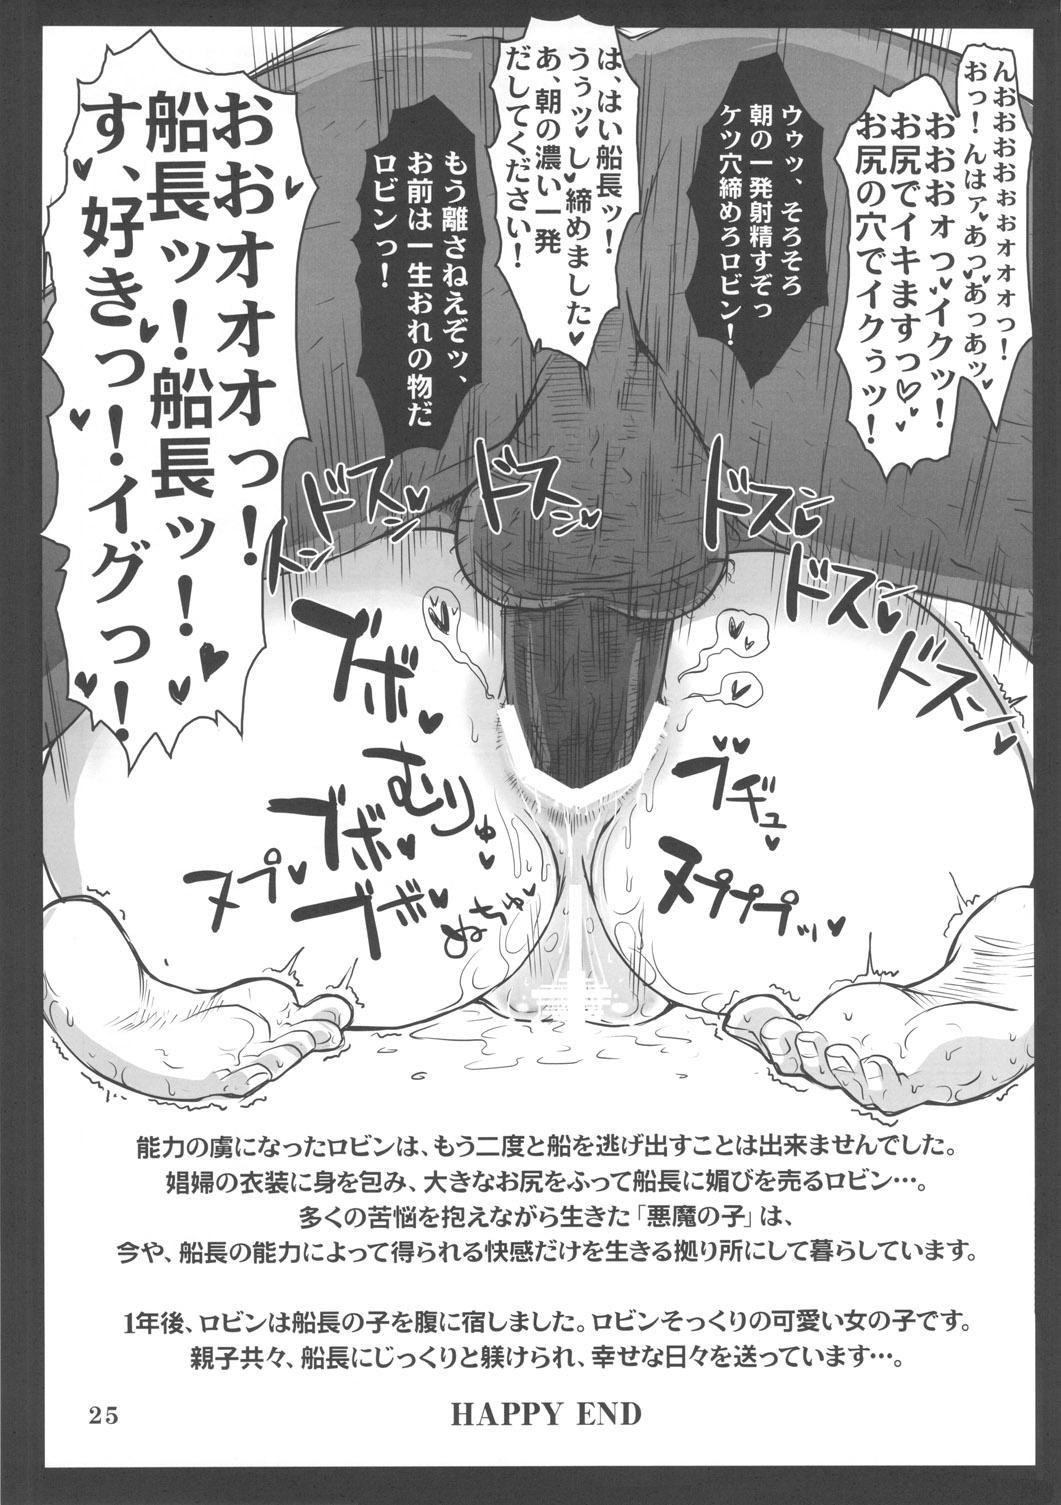 Metabolism-OP Kyonyuu Kyoshiri Shoufu Nico Robin no Keshi Taikako 23